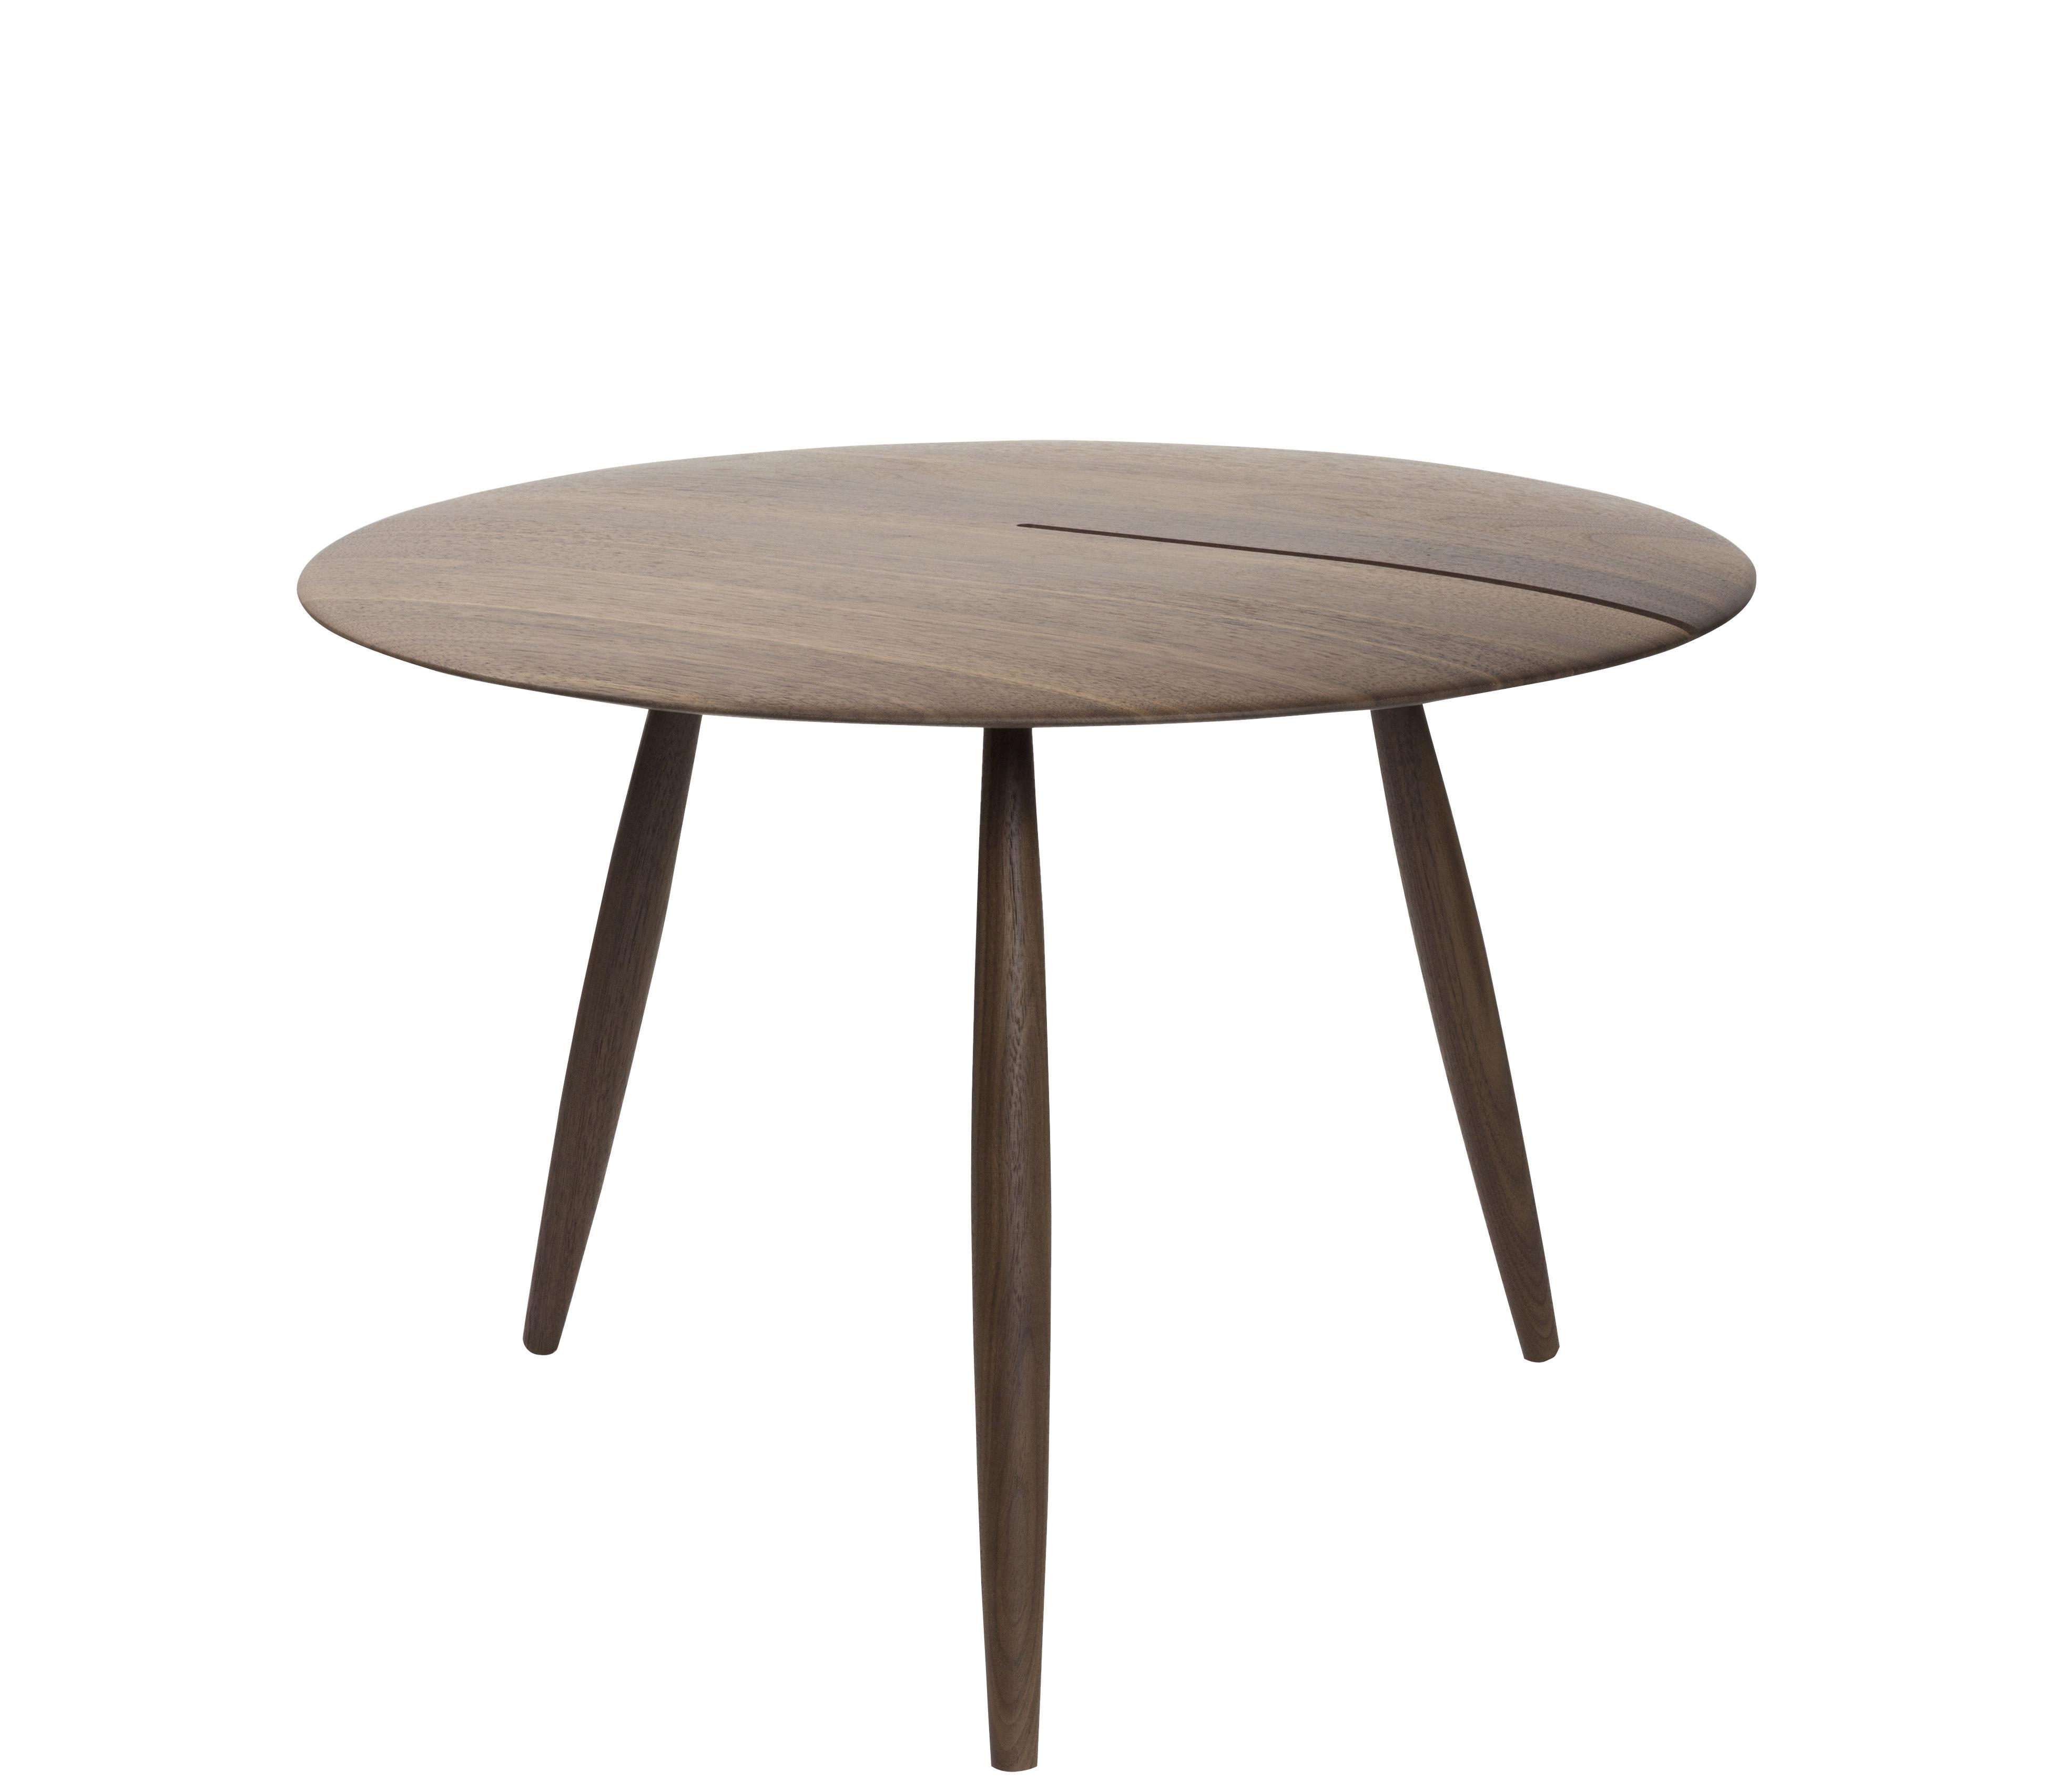 Möbel - Couchtische - Orio Couchtisch / Ø 60 cm - Internoitaliano - Nussbaum - Nussbaum massiv